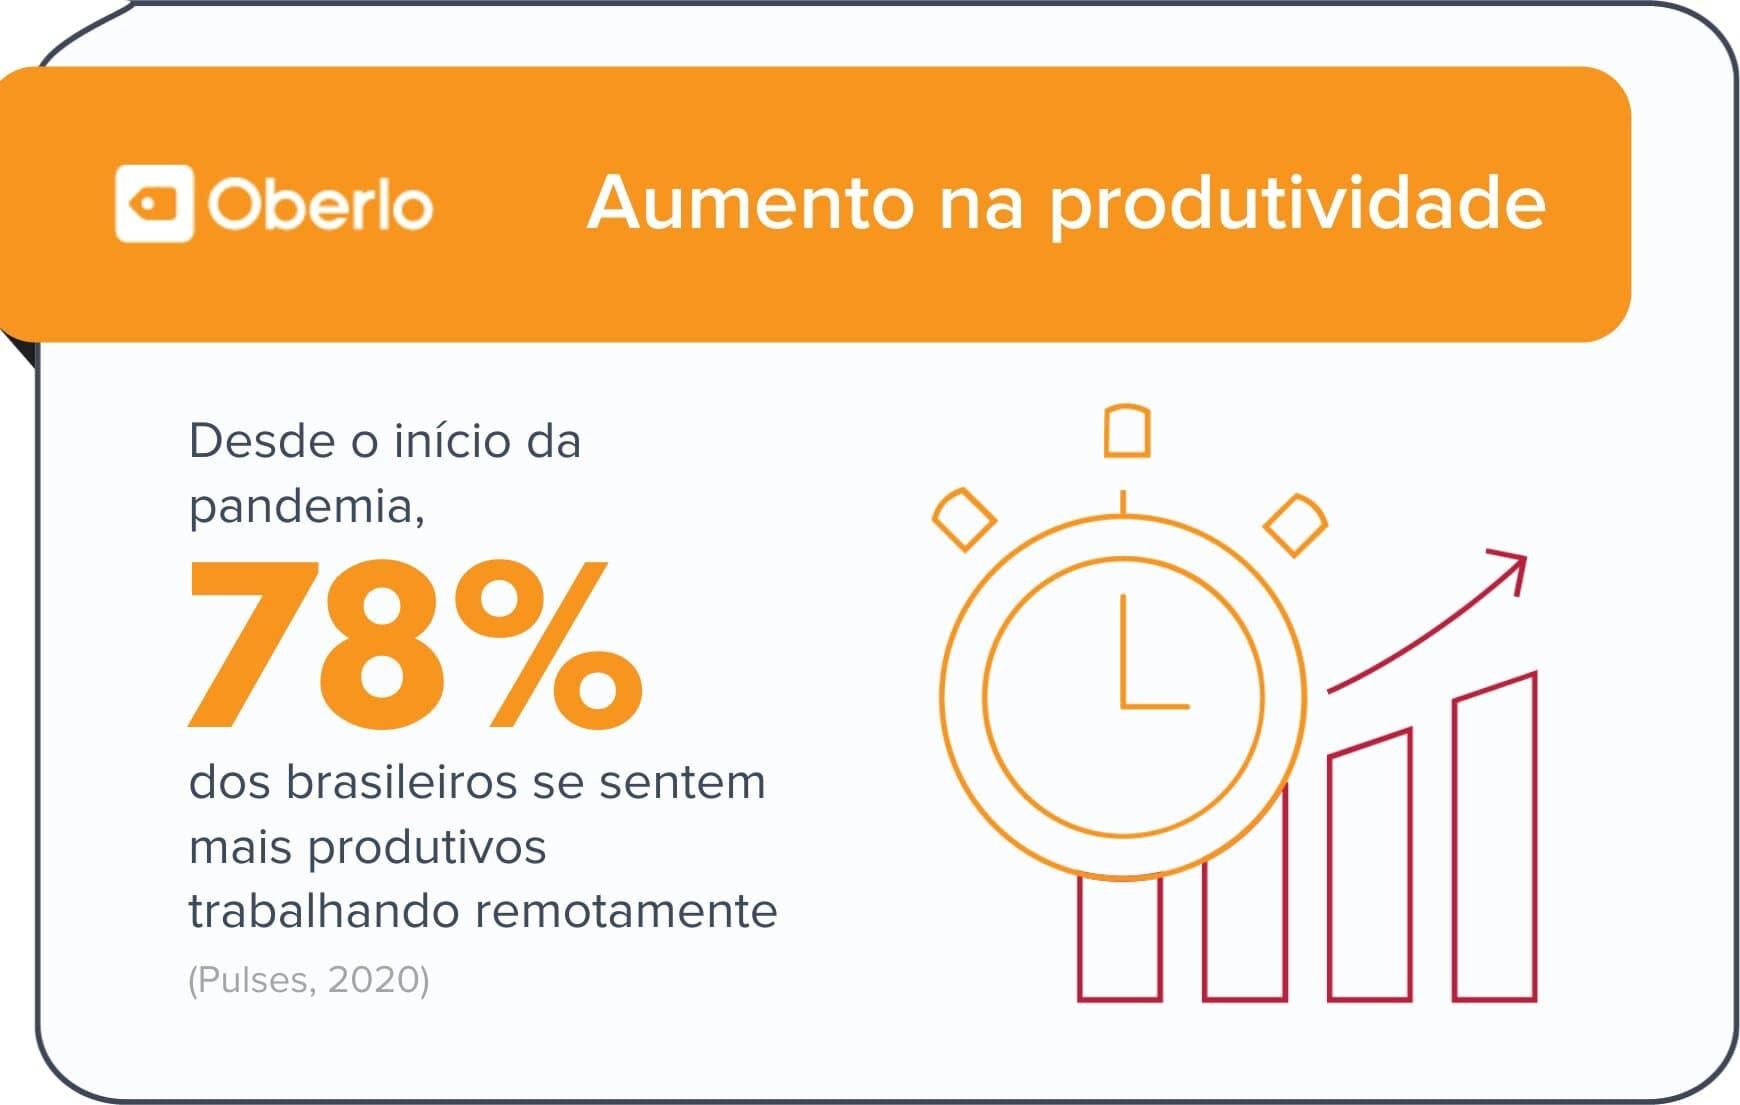 Trabalhar de casa aumenta a produtividade segundo estatísticas home office